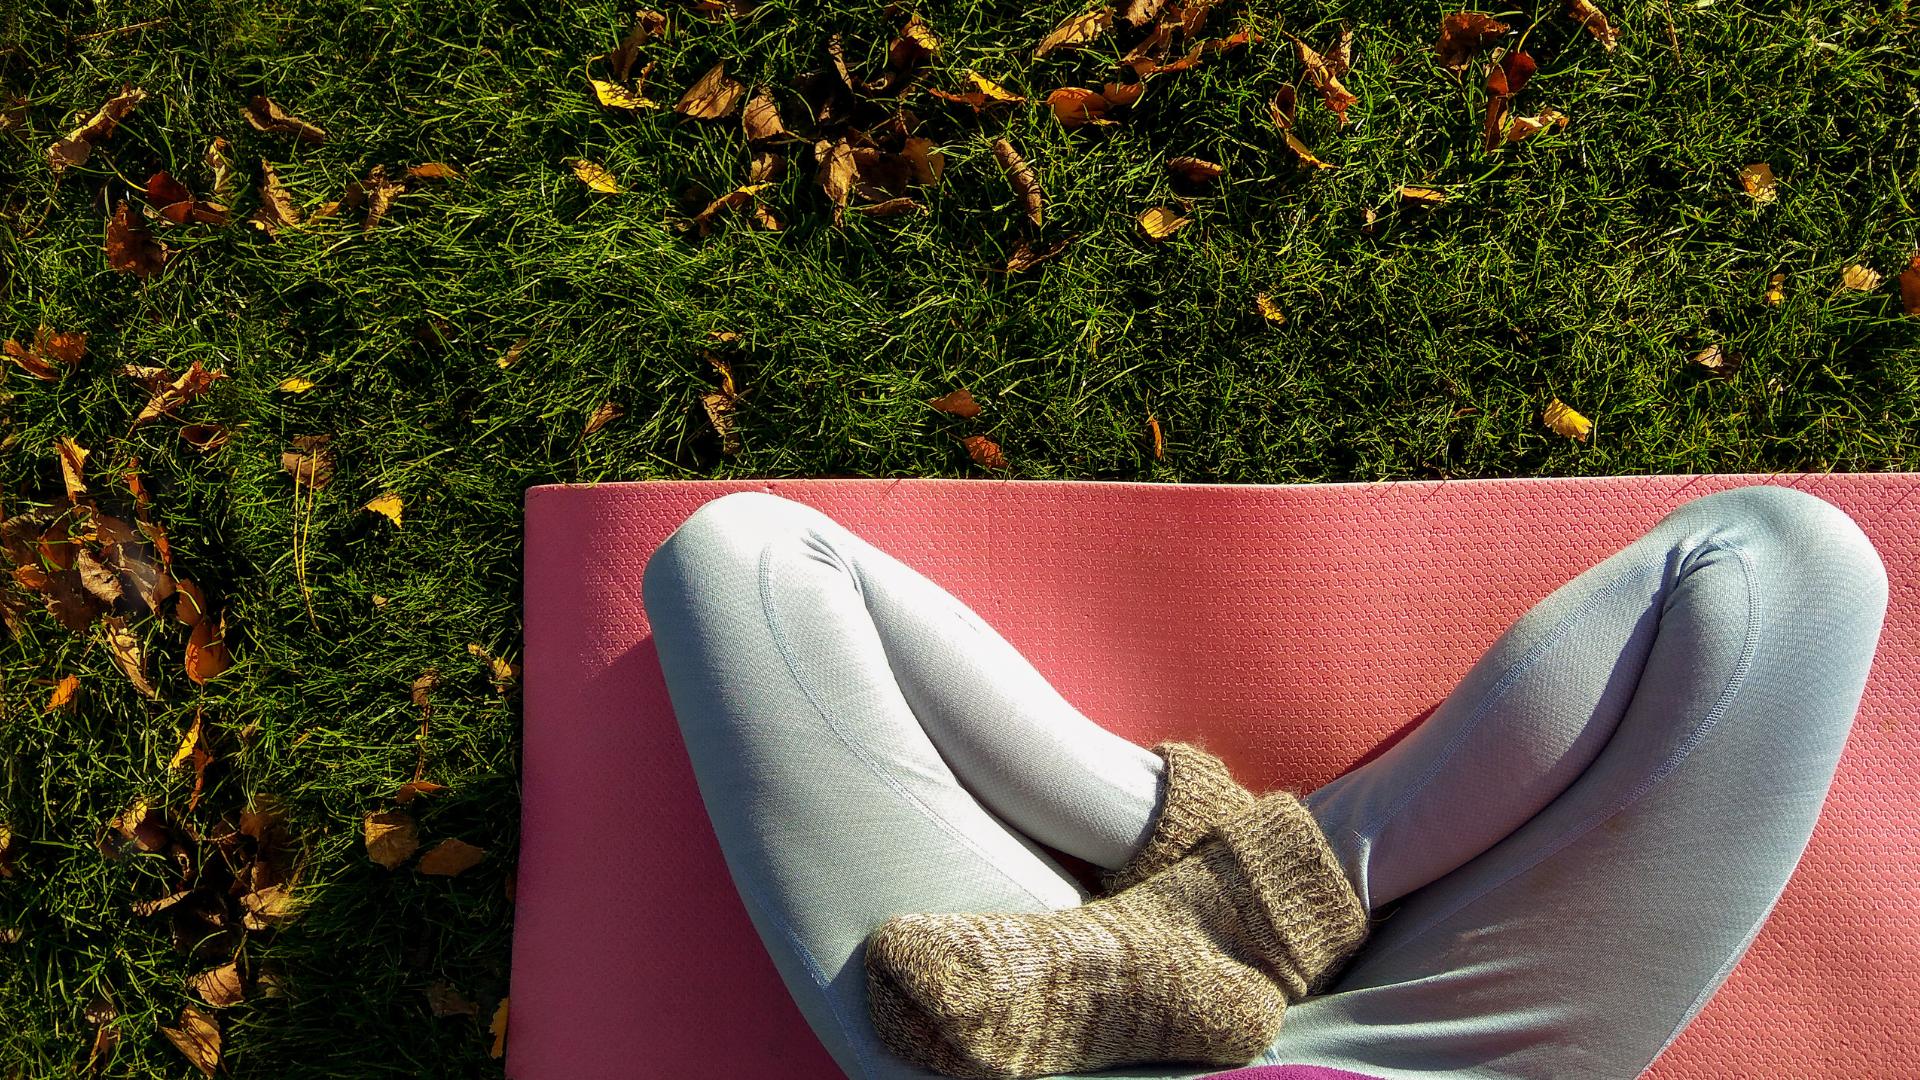 Start unwinding into Autumn now!